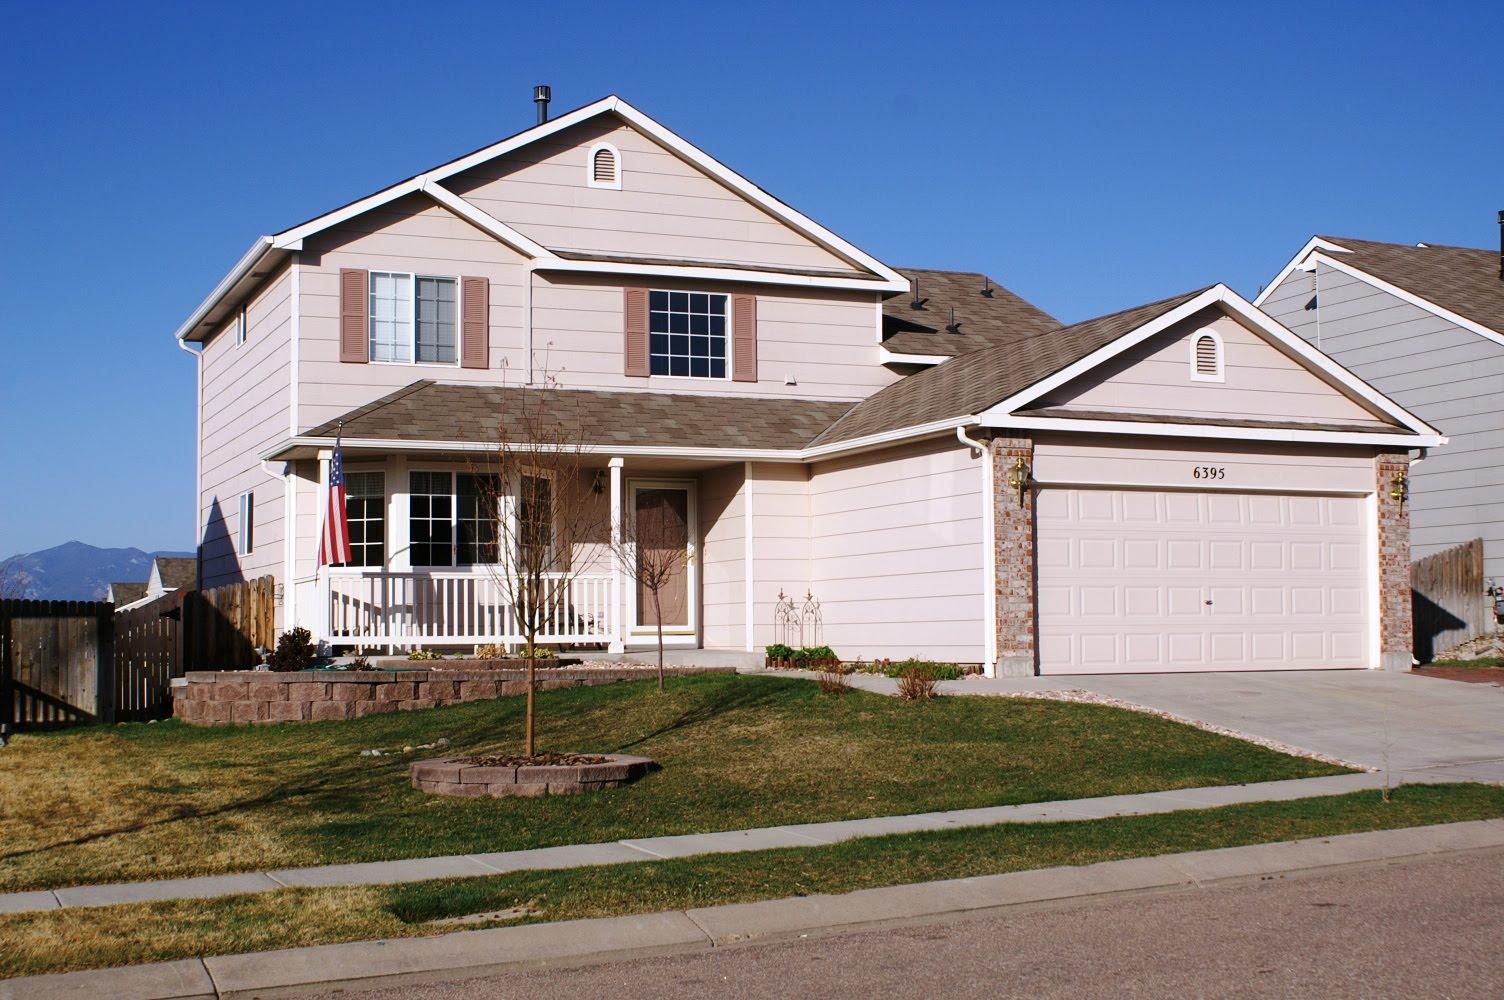 Colorado Real Estate amp Homes for Sale  realtorcom